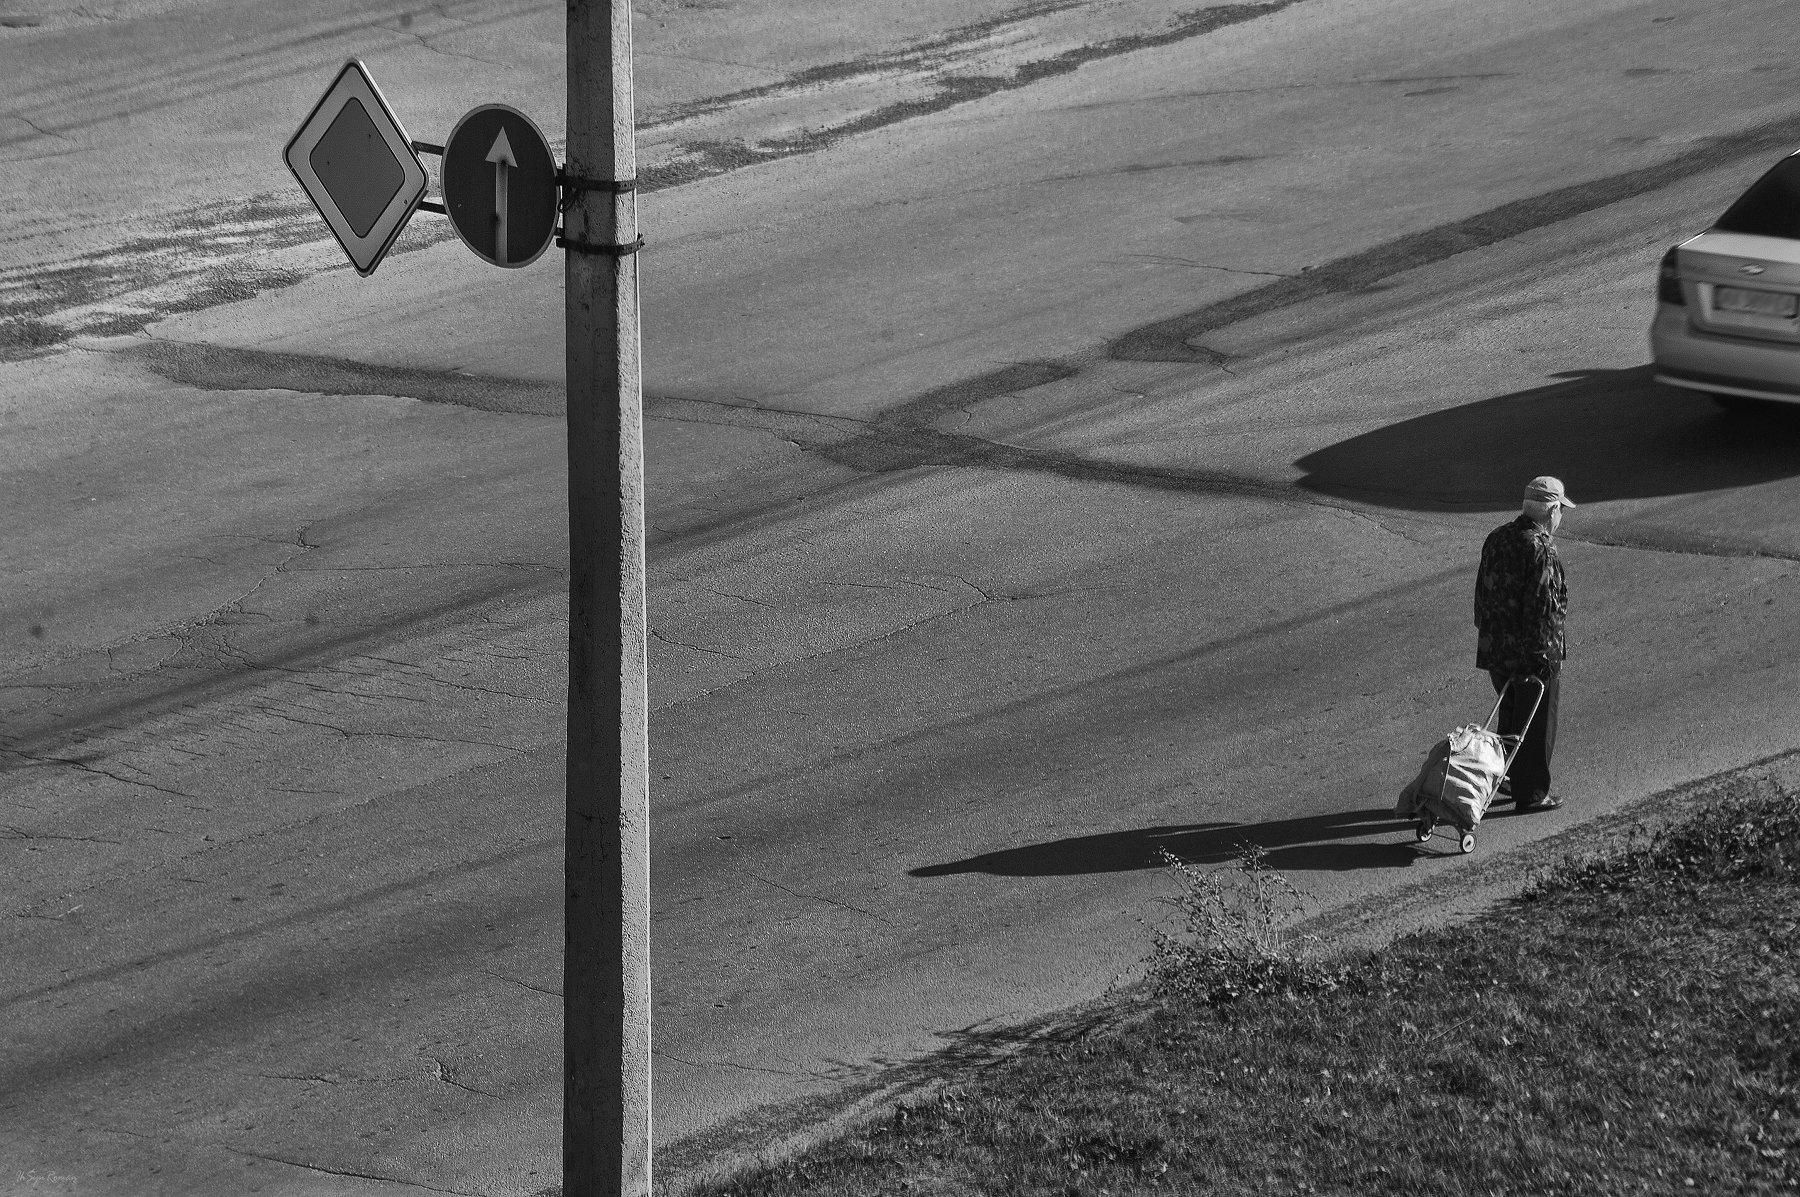 город,улица,дорога,люди,машины,дорожные знаки, Roma  Chitinskiy